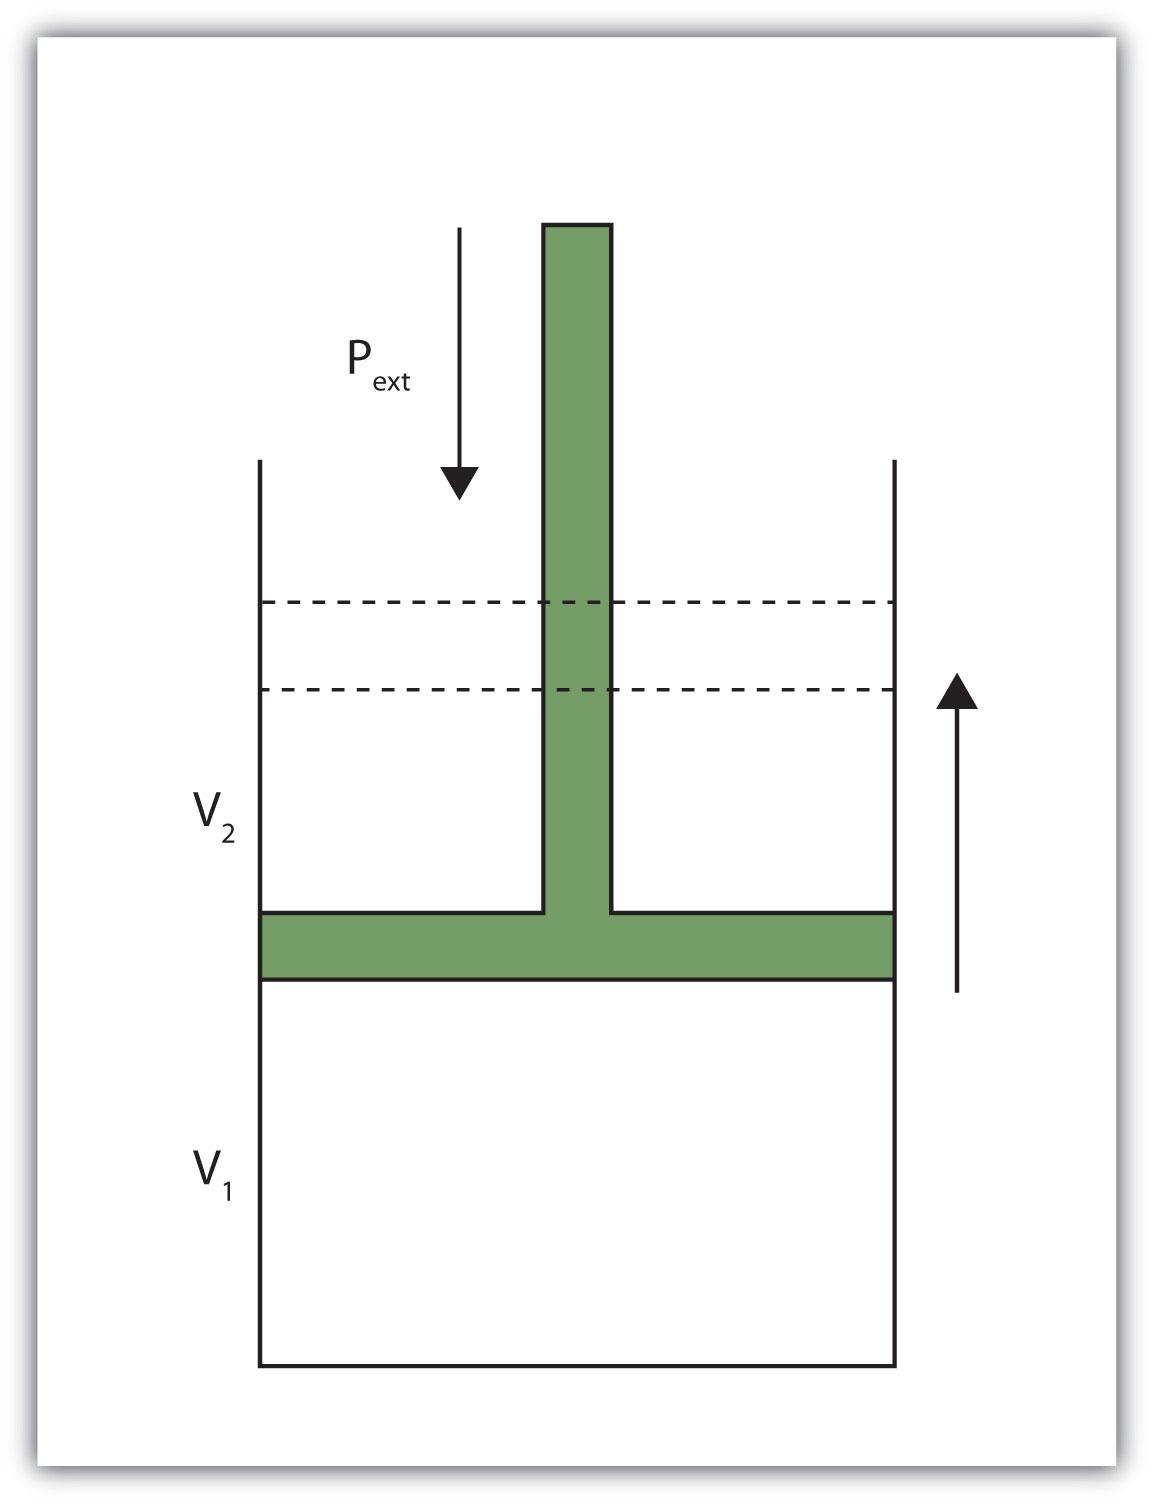 Volume versus pressure diagram